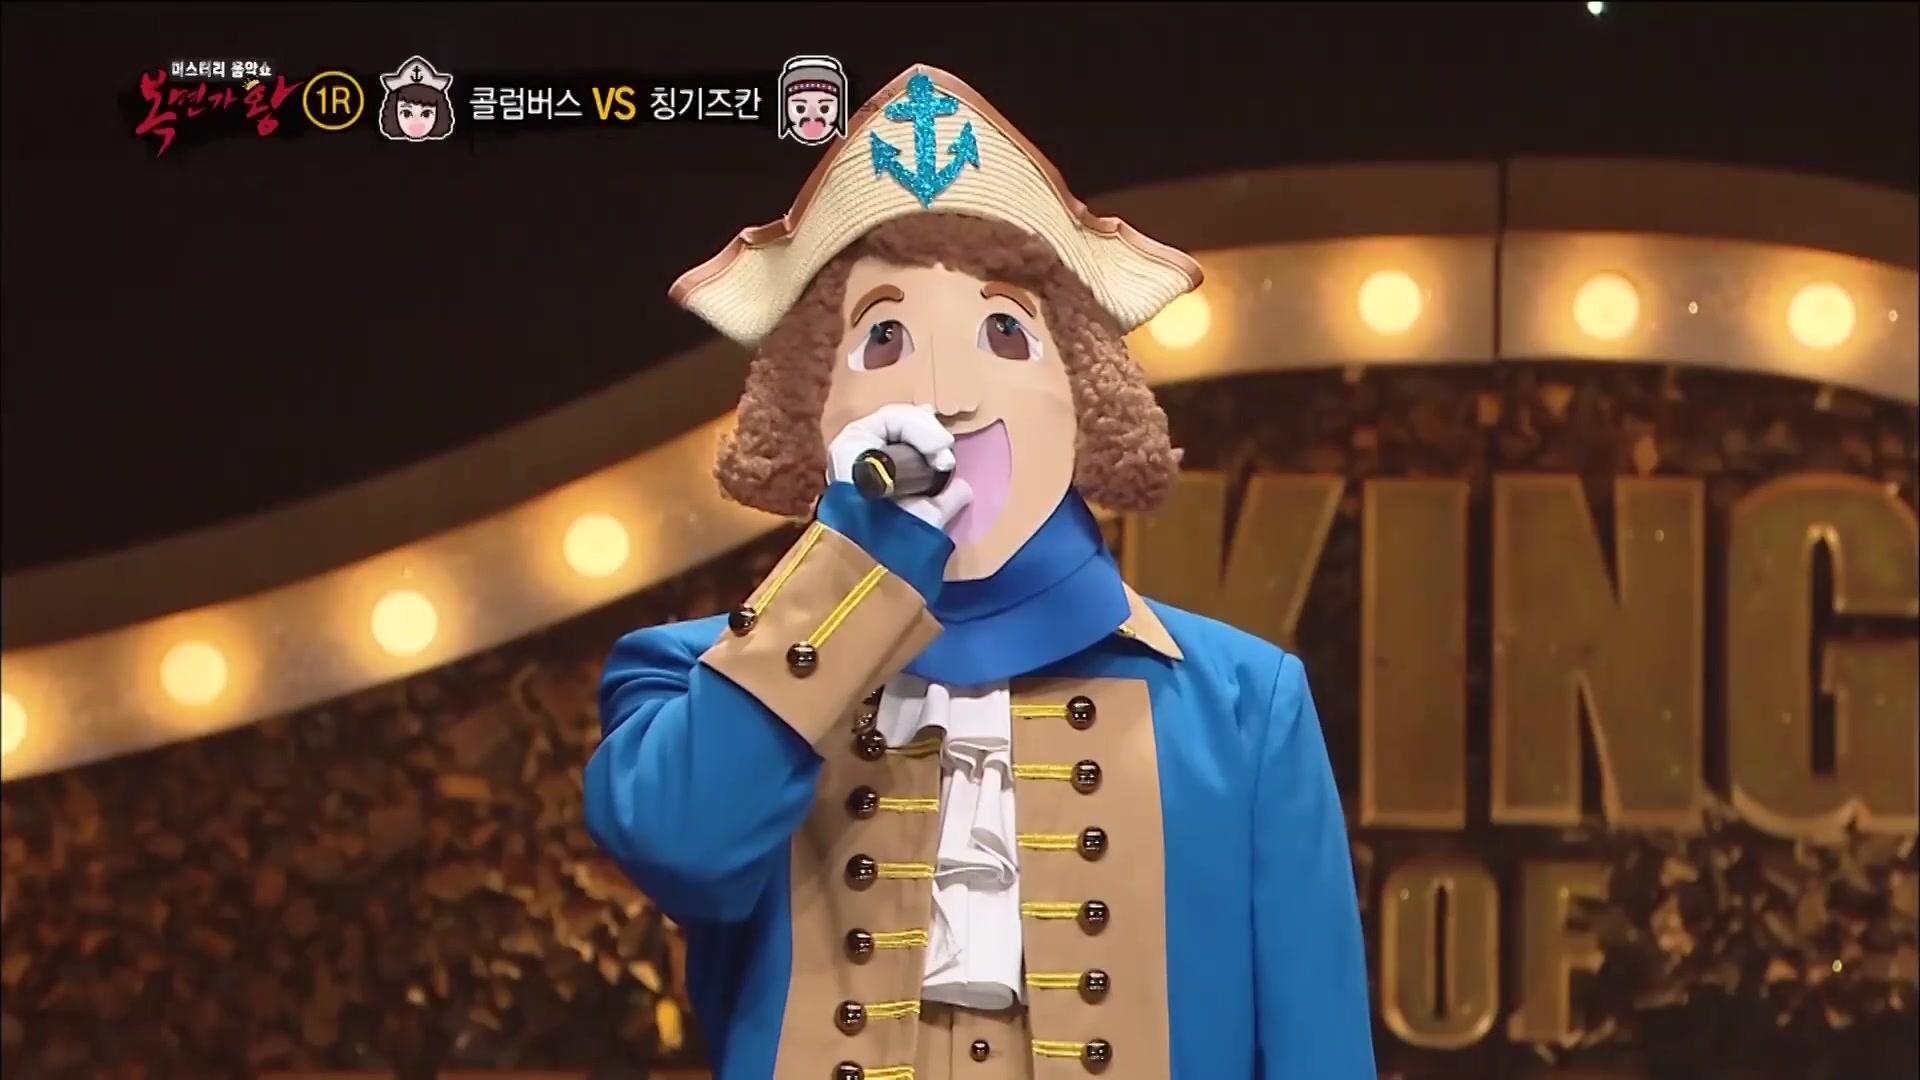 King of Masked Singer Episode 125